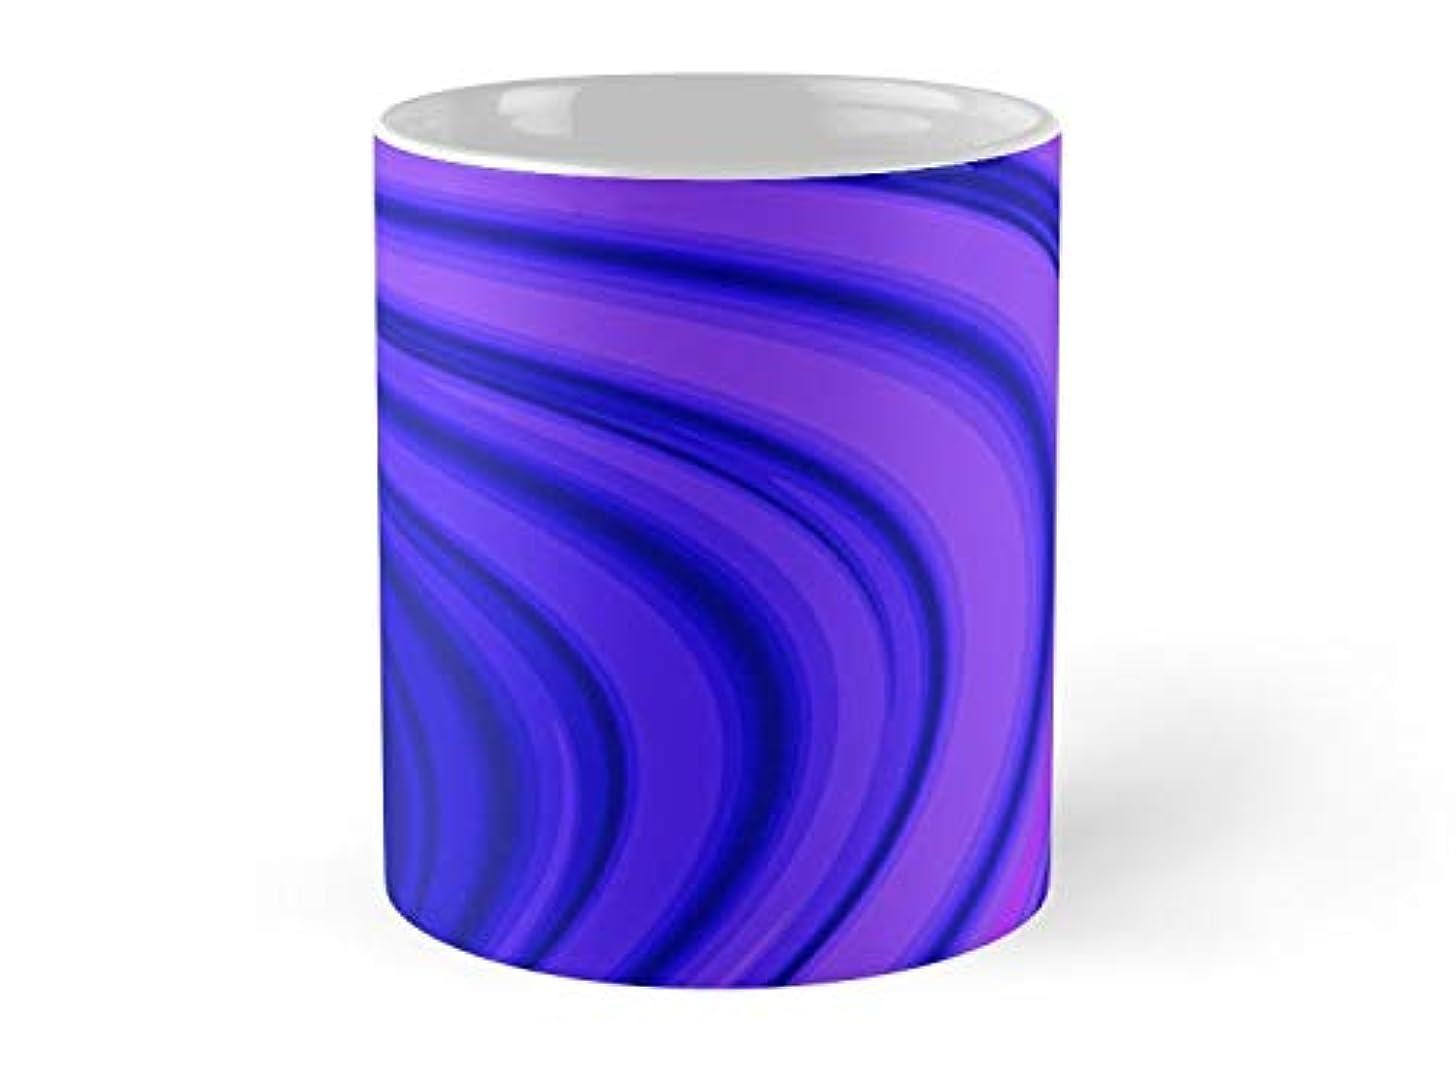 Vortex Mug - 11oz Mug - Made from Ceramic